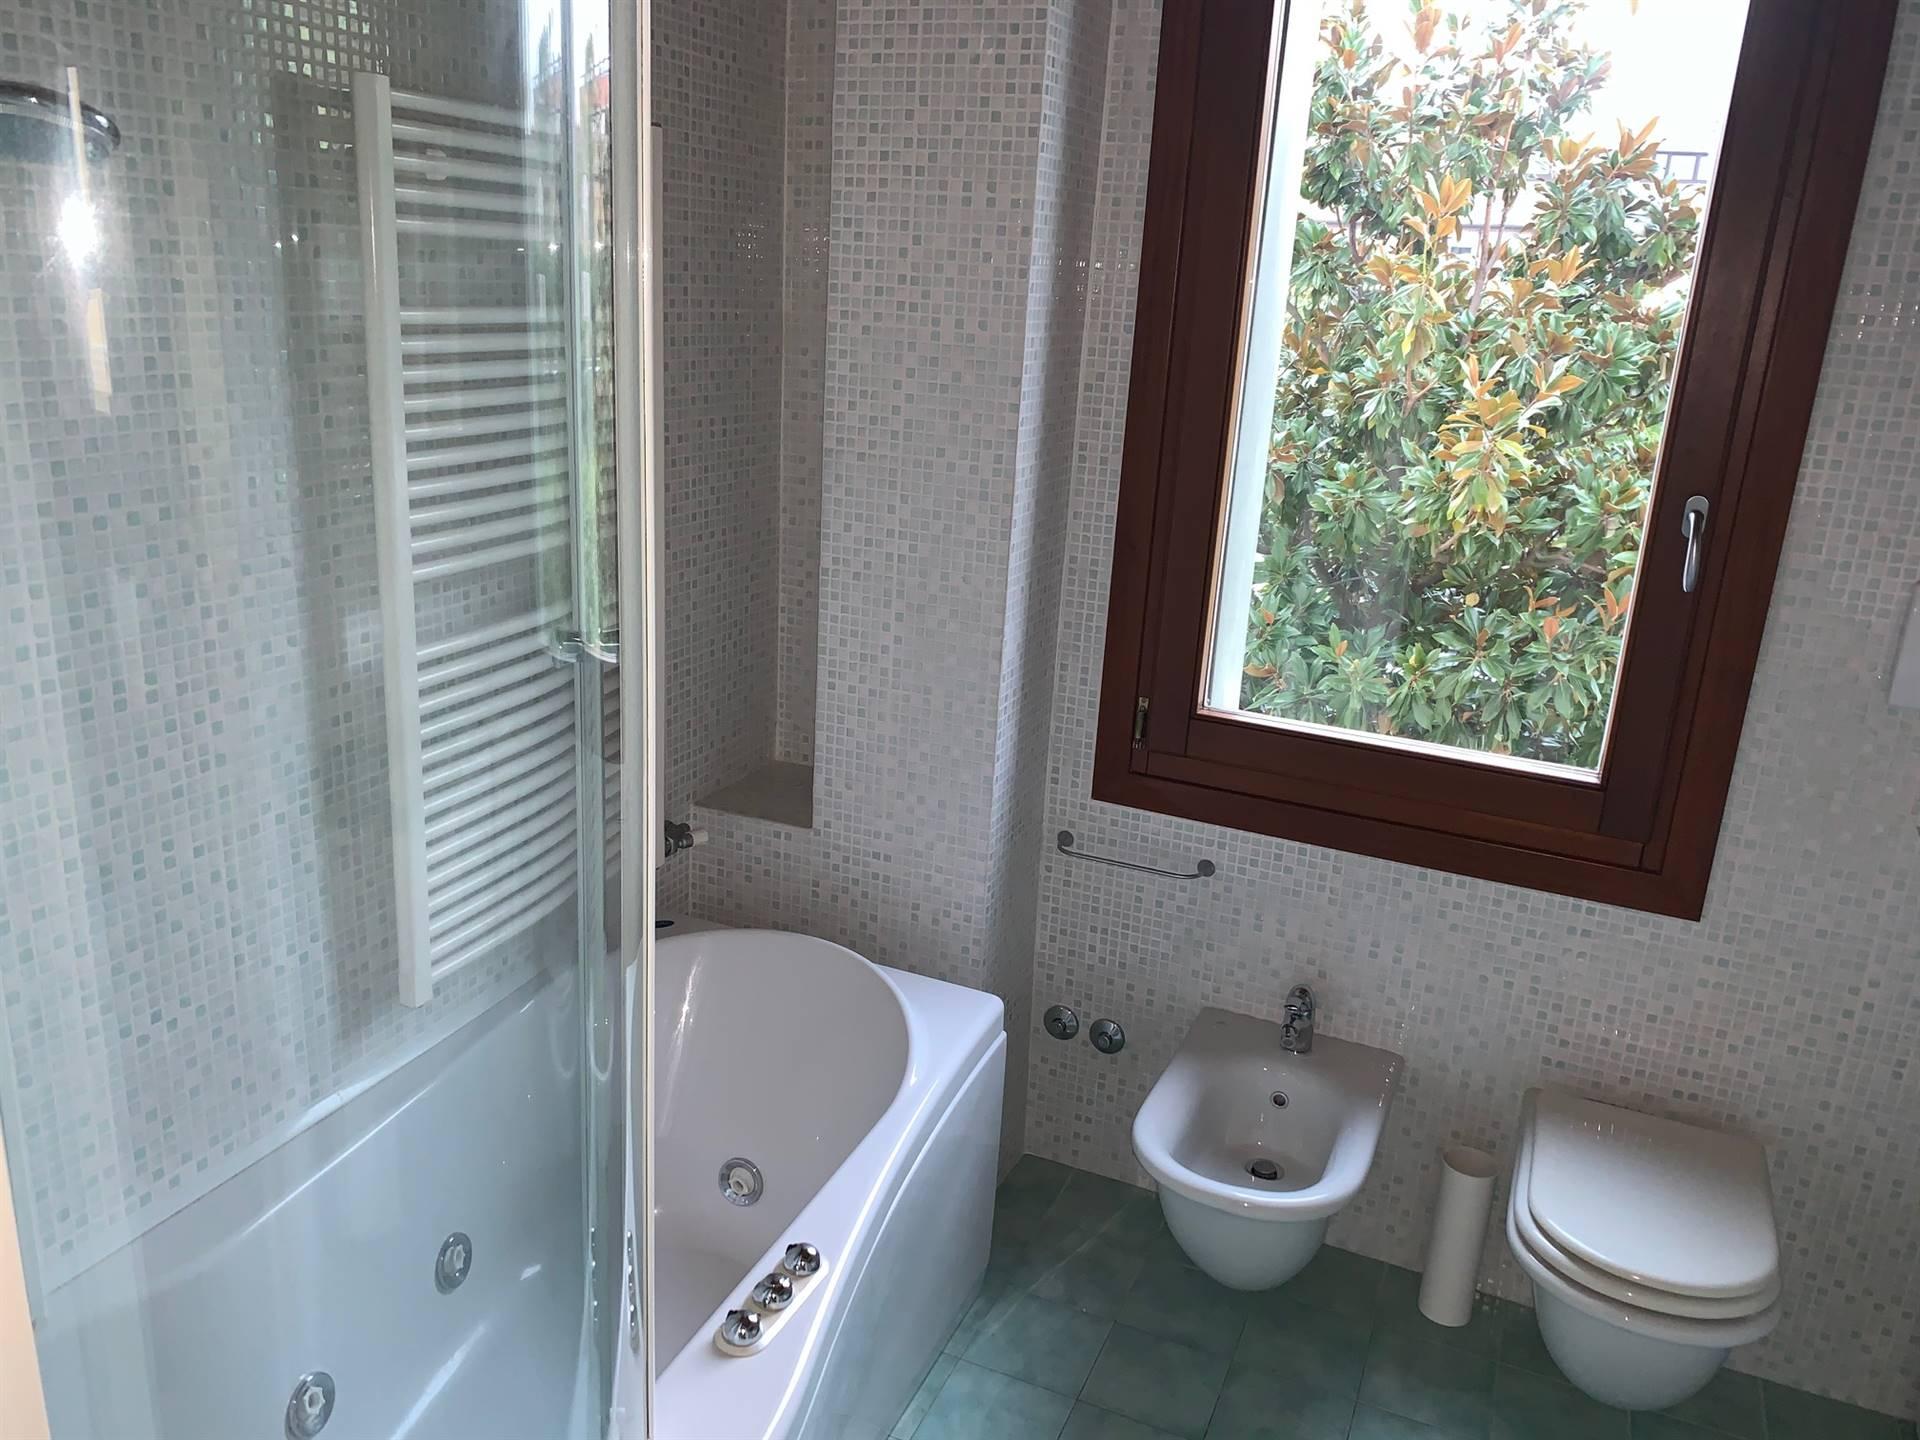 bagno con vasca e doccia appartamento Mestre